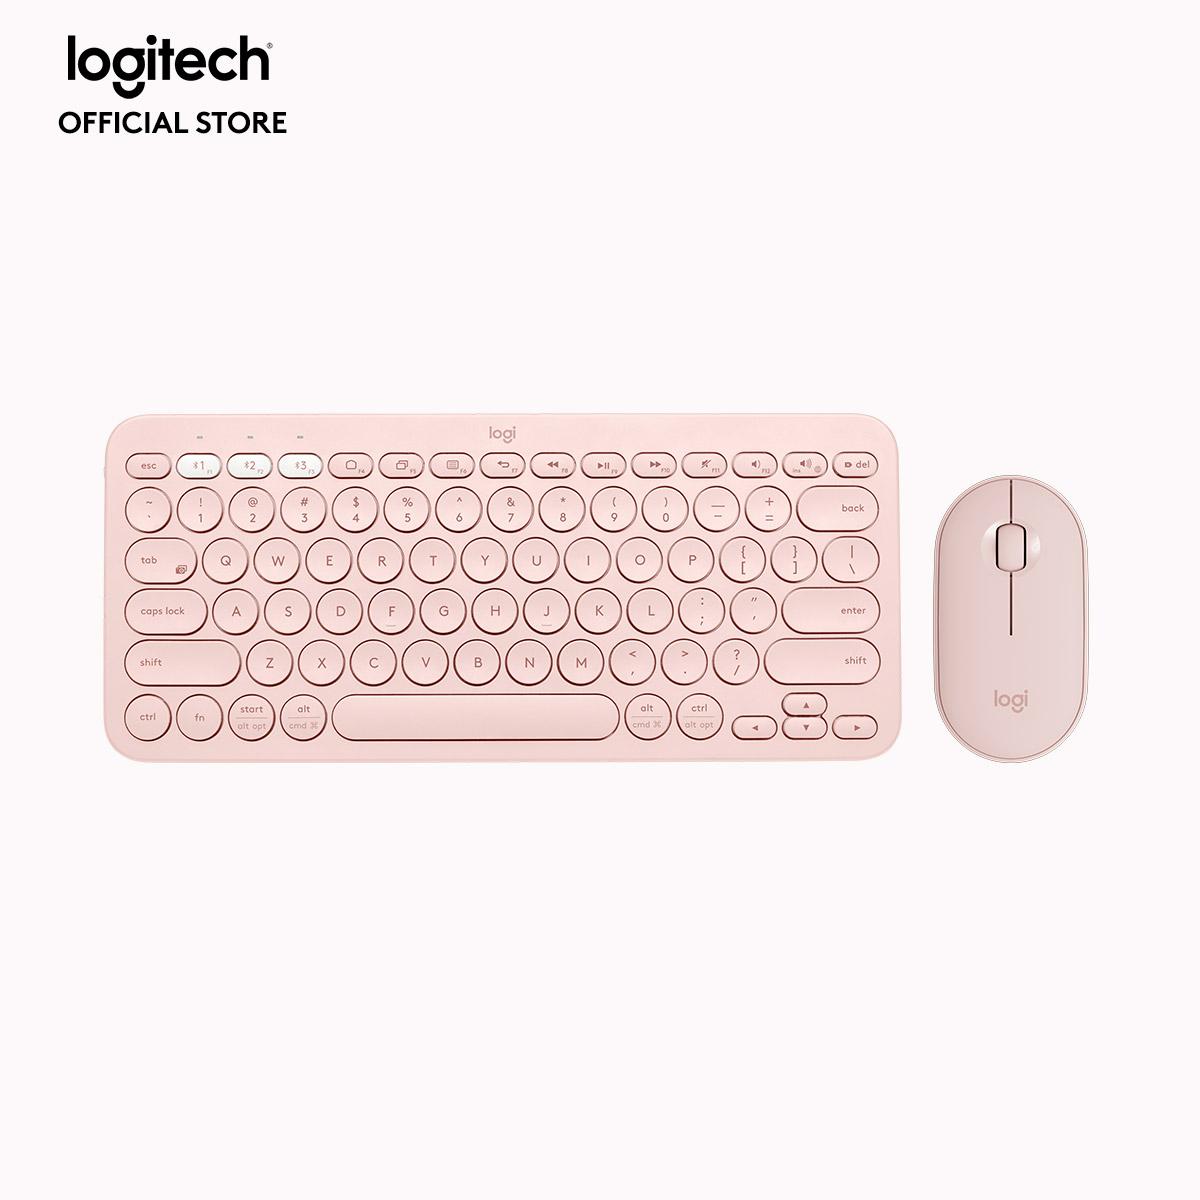 Combo Bàn phím K380 Bluetooth Multi-Device và chuột Pebble M350 Silent giá  rẻ 1.199.000₫